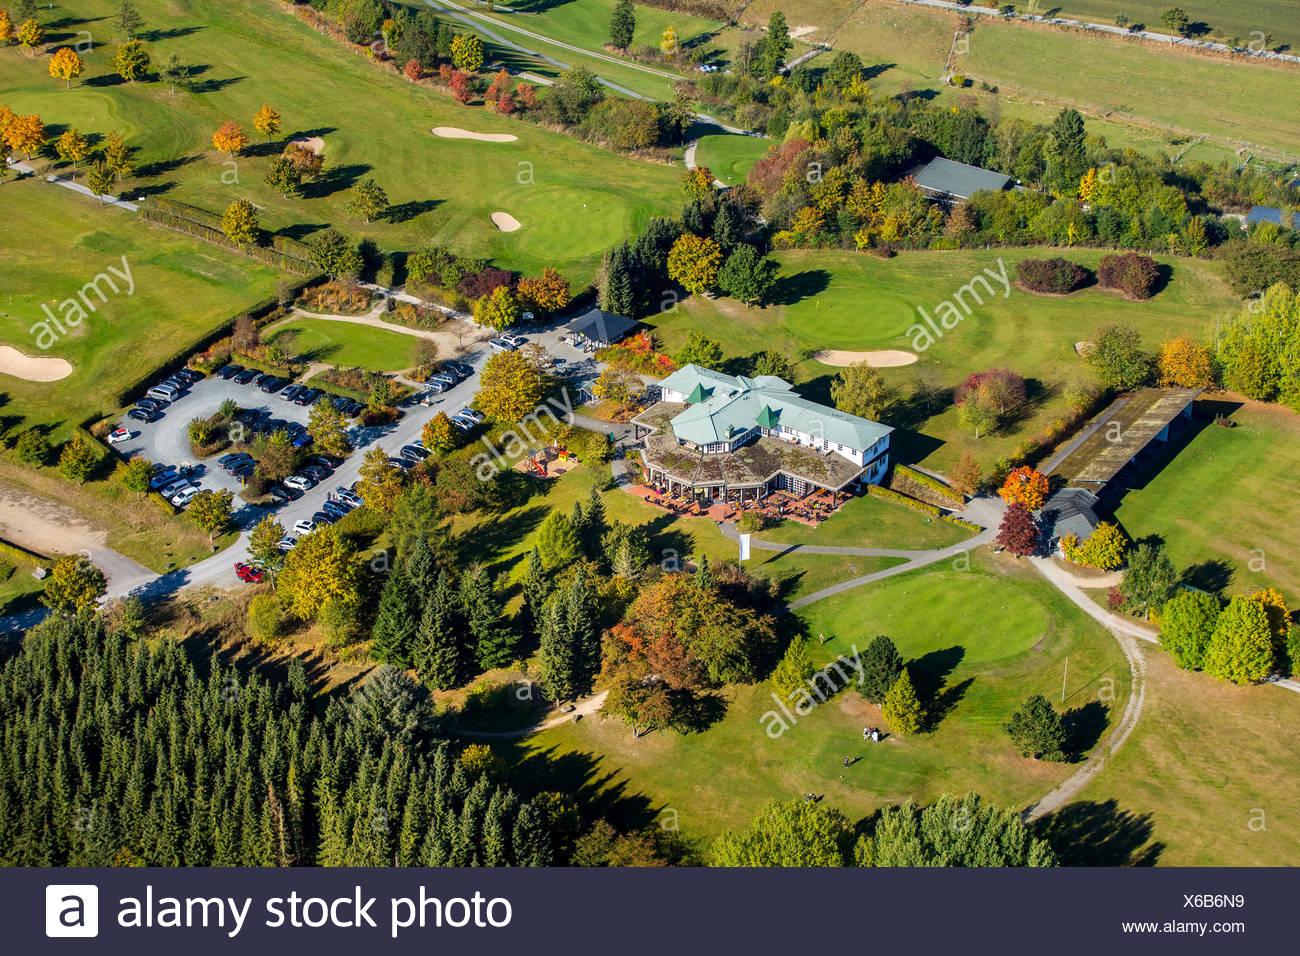 Golfclub Schmallenberg with clubhouse, aerial view, Bad Fredeburg, Schmallenberg, Hochsauerlandkreis, North Rhine-Westphalia - Stock Image